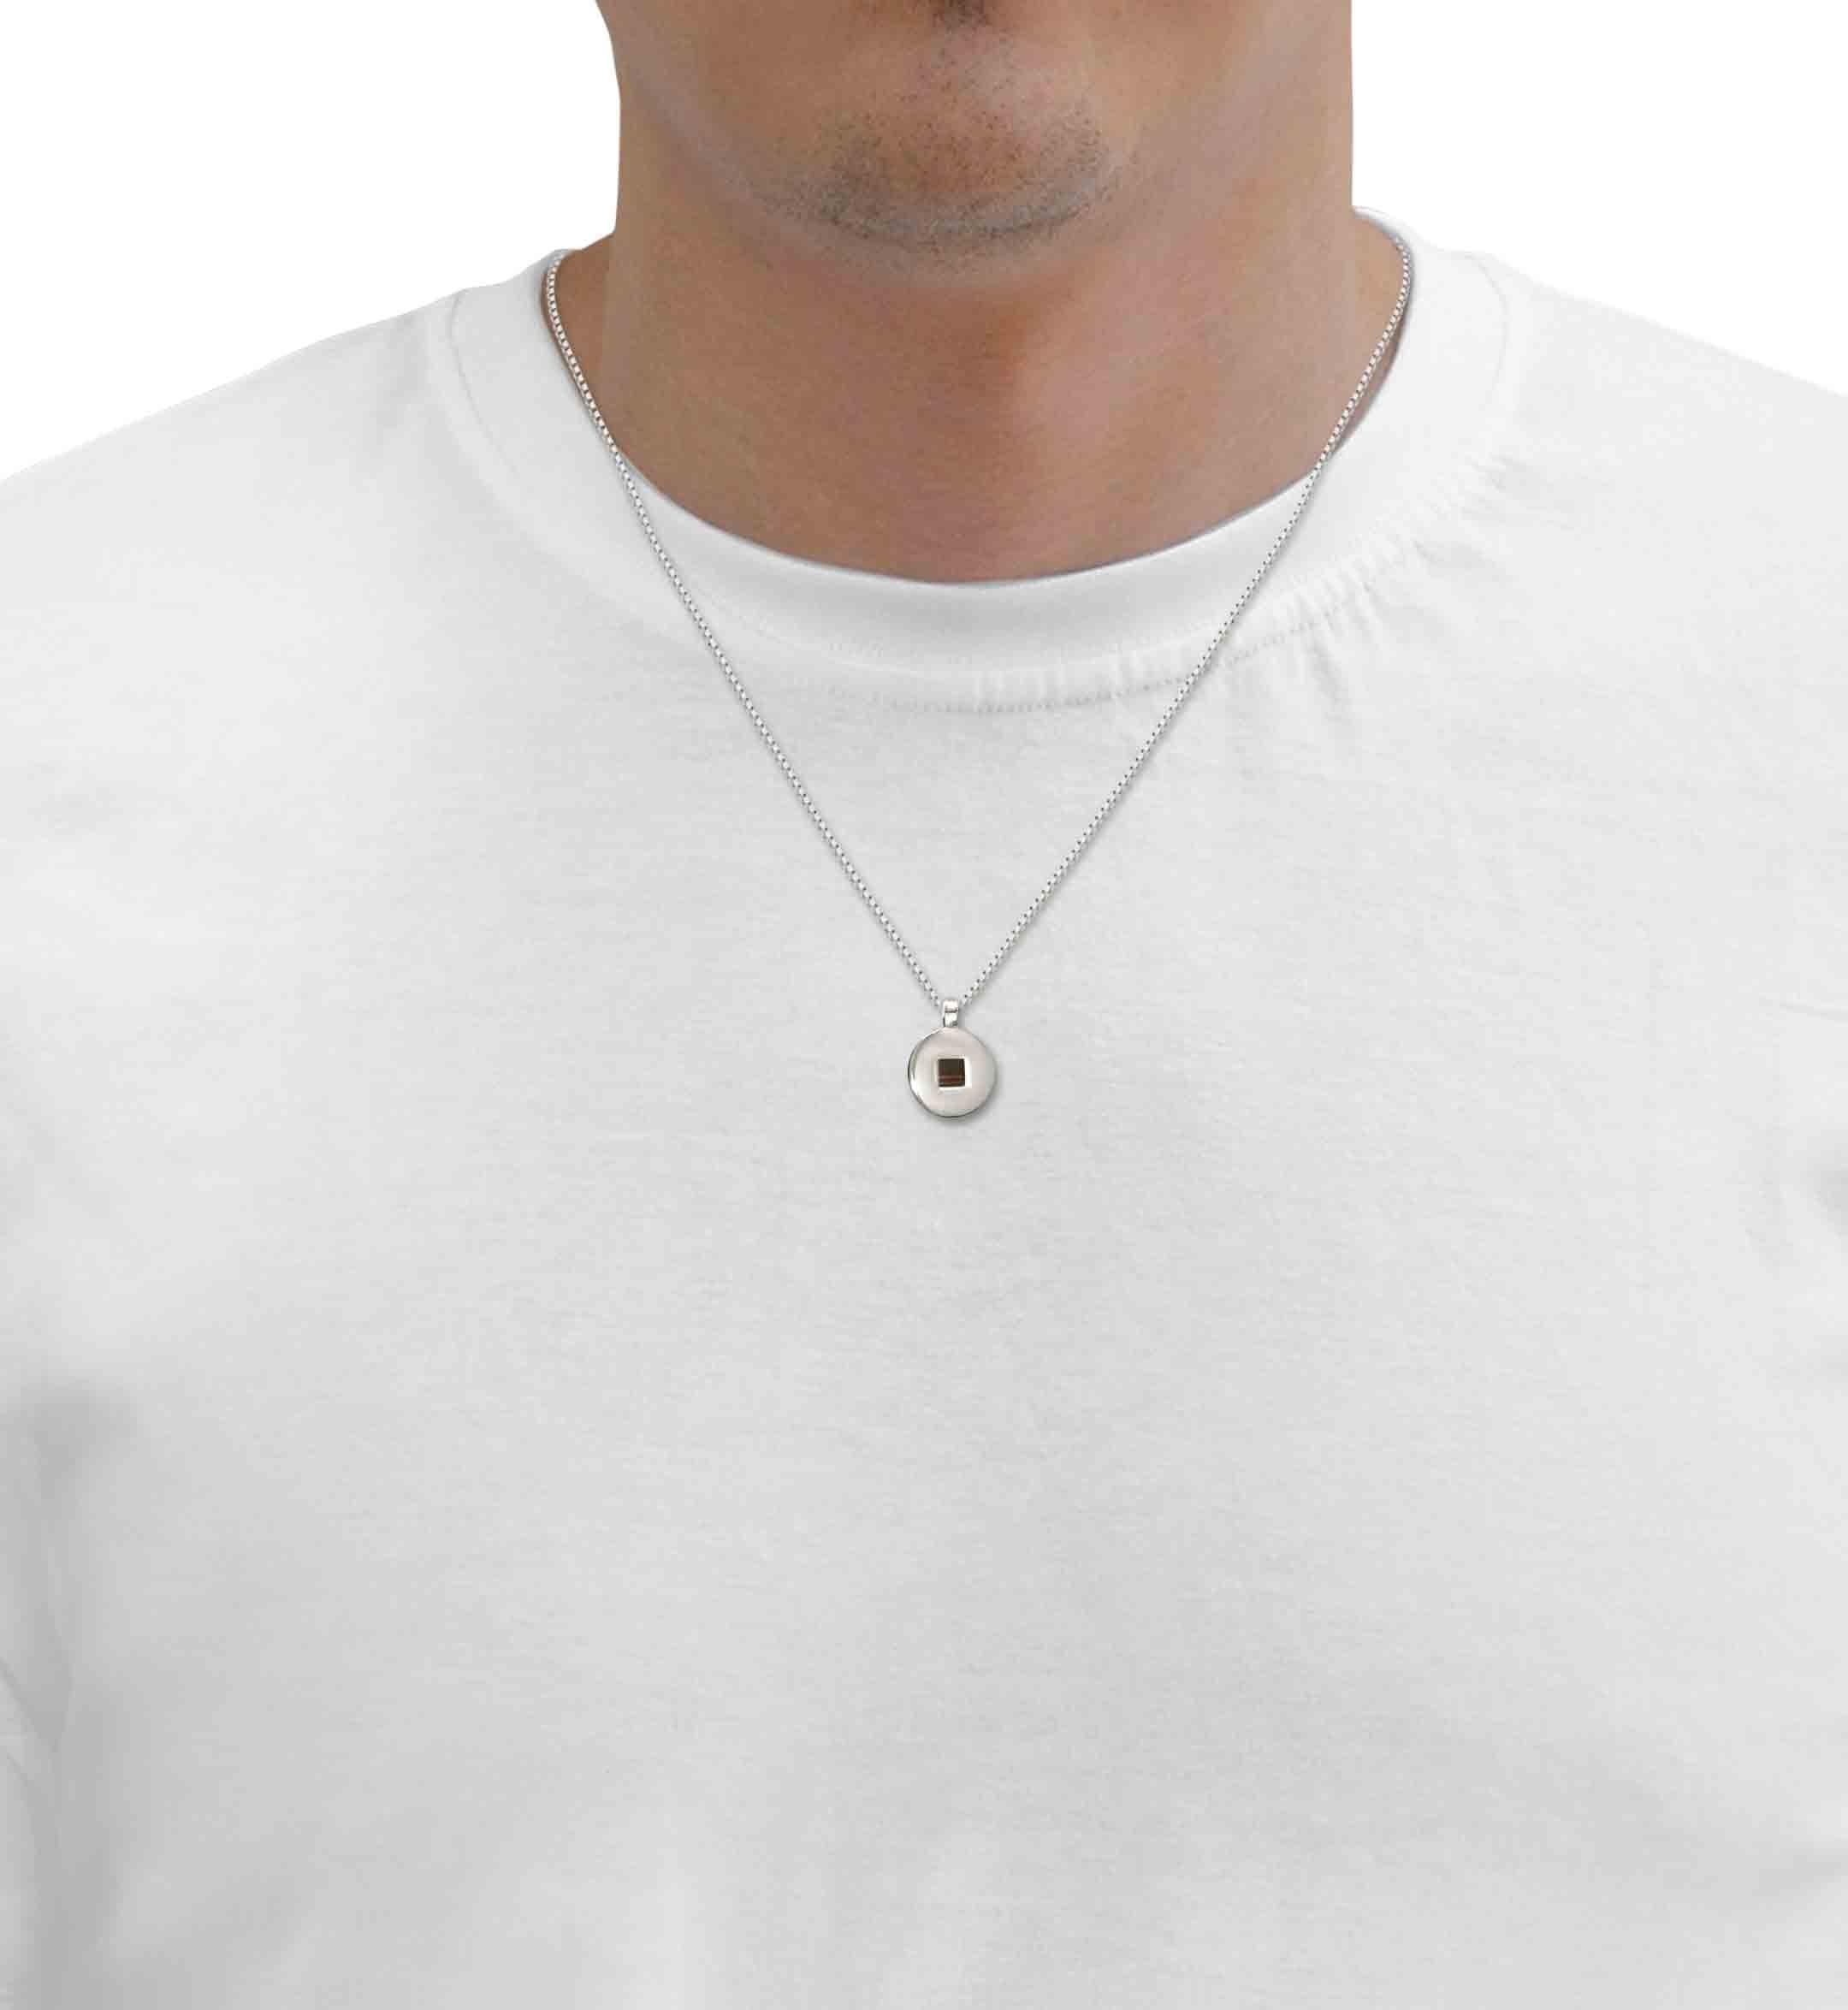 ננו בייבל - שרשרת עם התנך הכי קטן בעולם - ננו תכשיטיםננו בייבל - שרשרת עם התנך הכי קטן בעולם - ננו תכשיטים